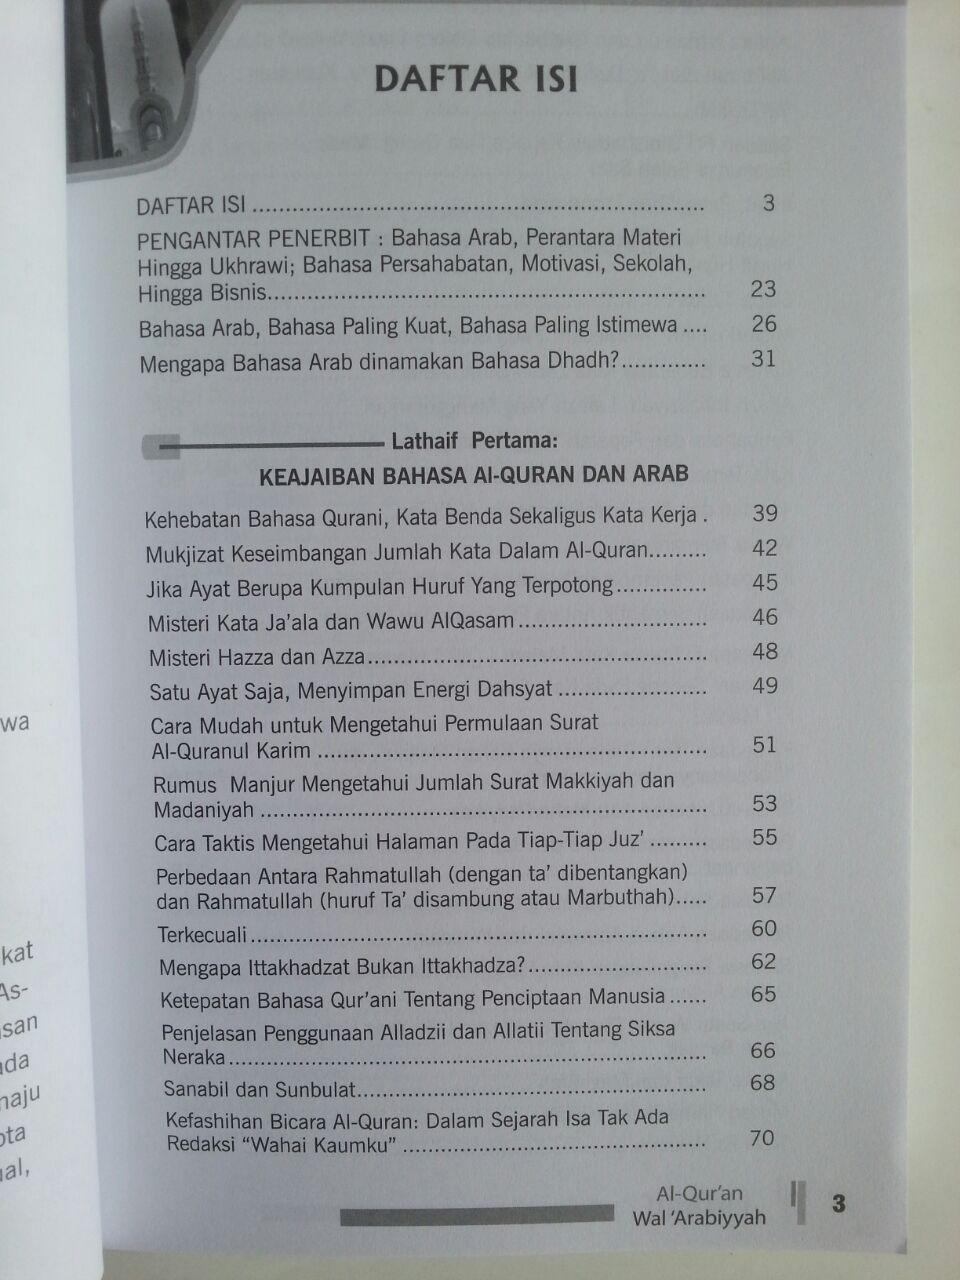 Buku Lathaif Al-Qur'an Wal Arabiyyah Buku Pintar Qur'an Bahasa Arab isi 2